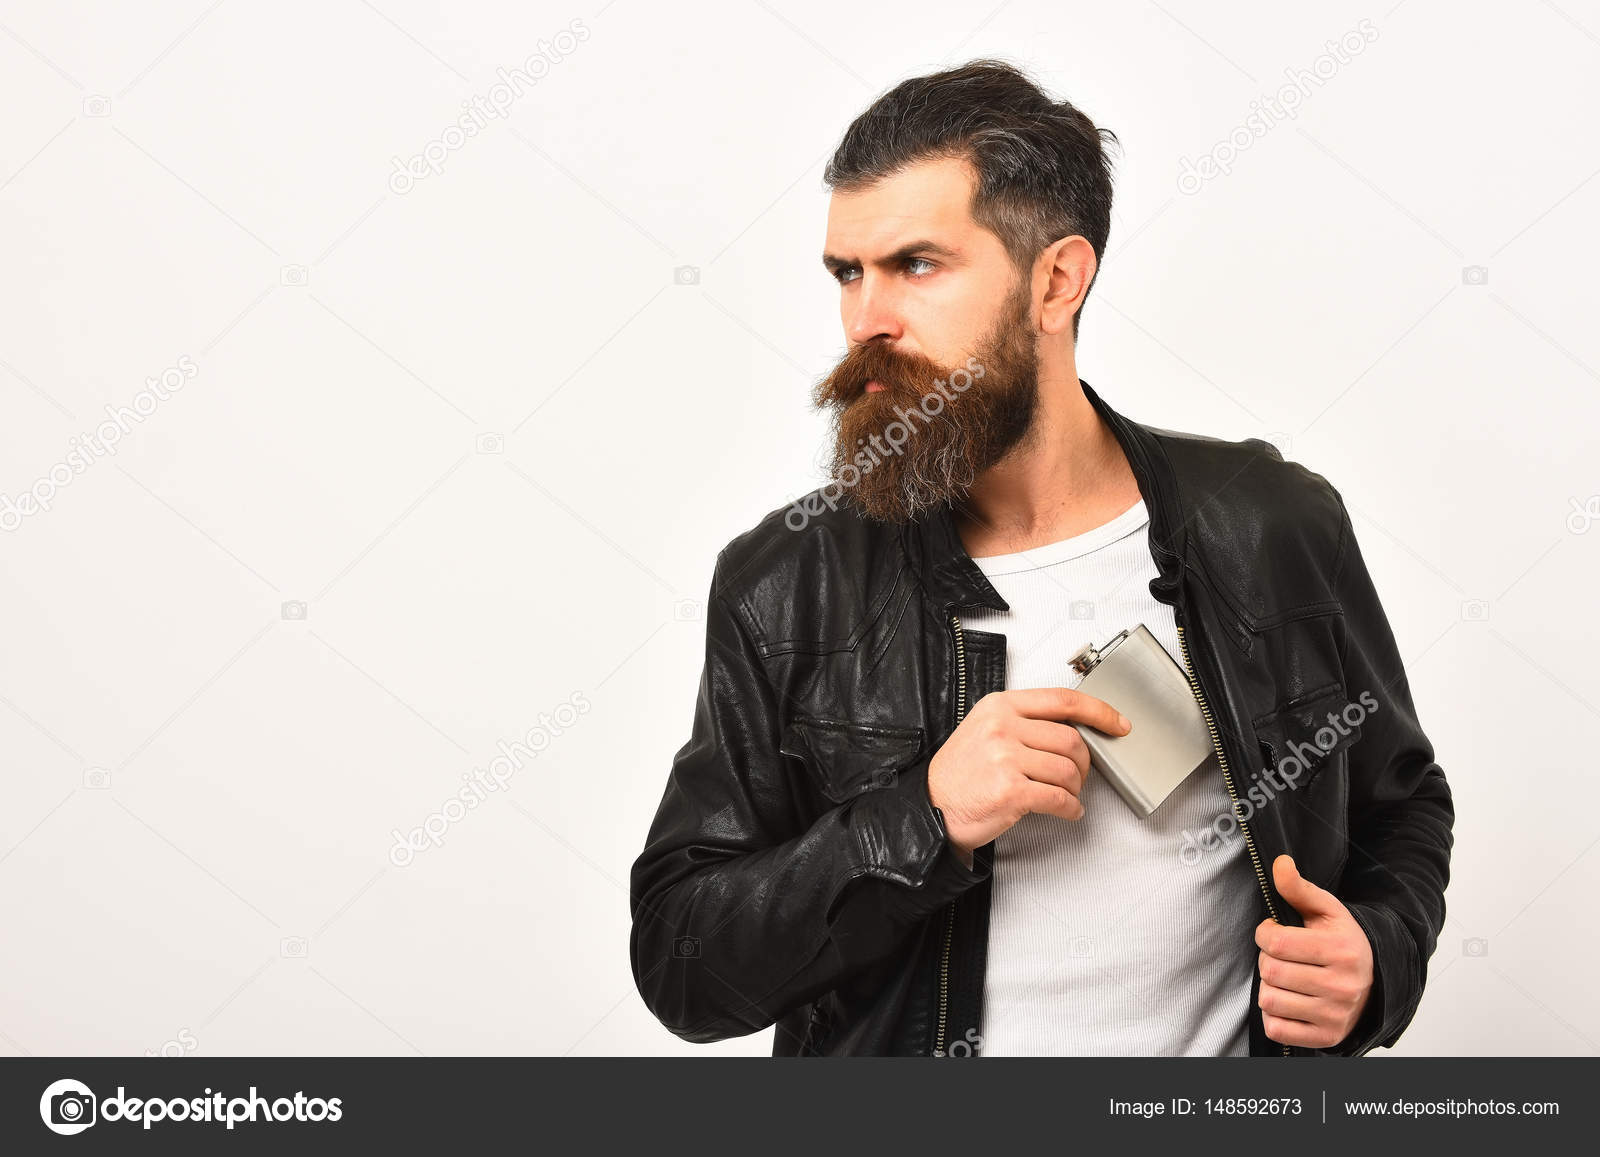 De Serio Hipster Barbudo Hombre Con Chaqueta En Frasco Metálico ww8HP